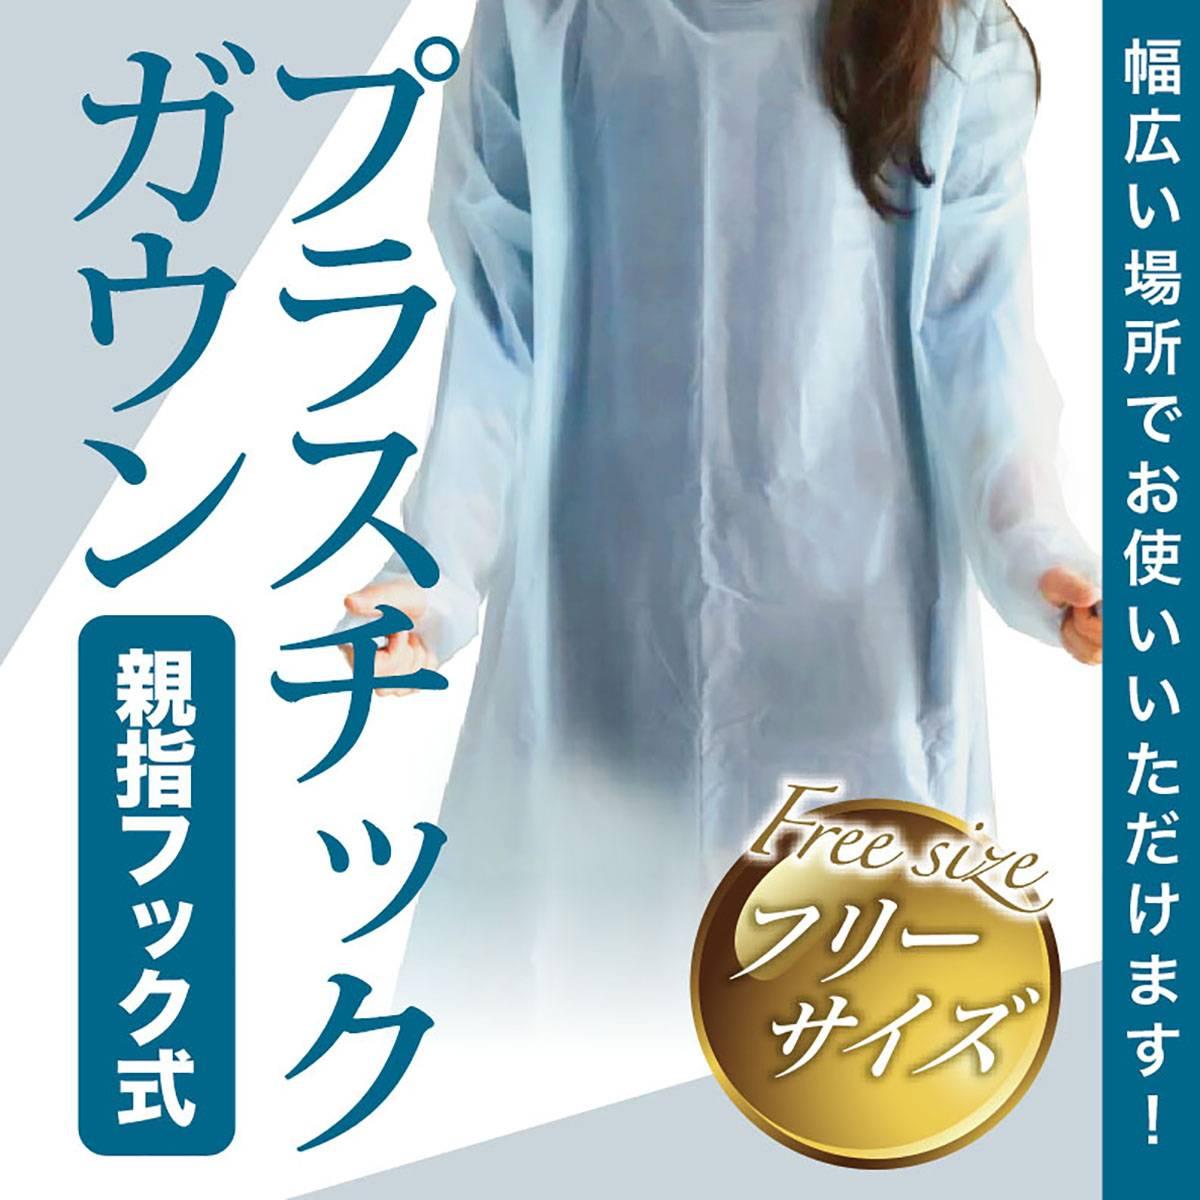 【1枚¥210】プラスチックガウン袖付き(親指フック式)フリーサイズ 幅広い場所でお使いいただけます。